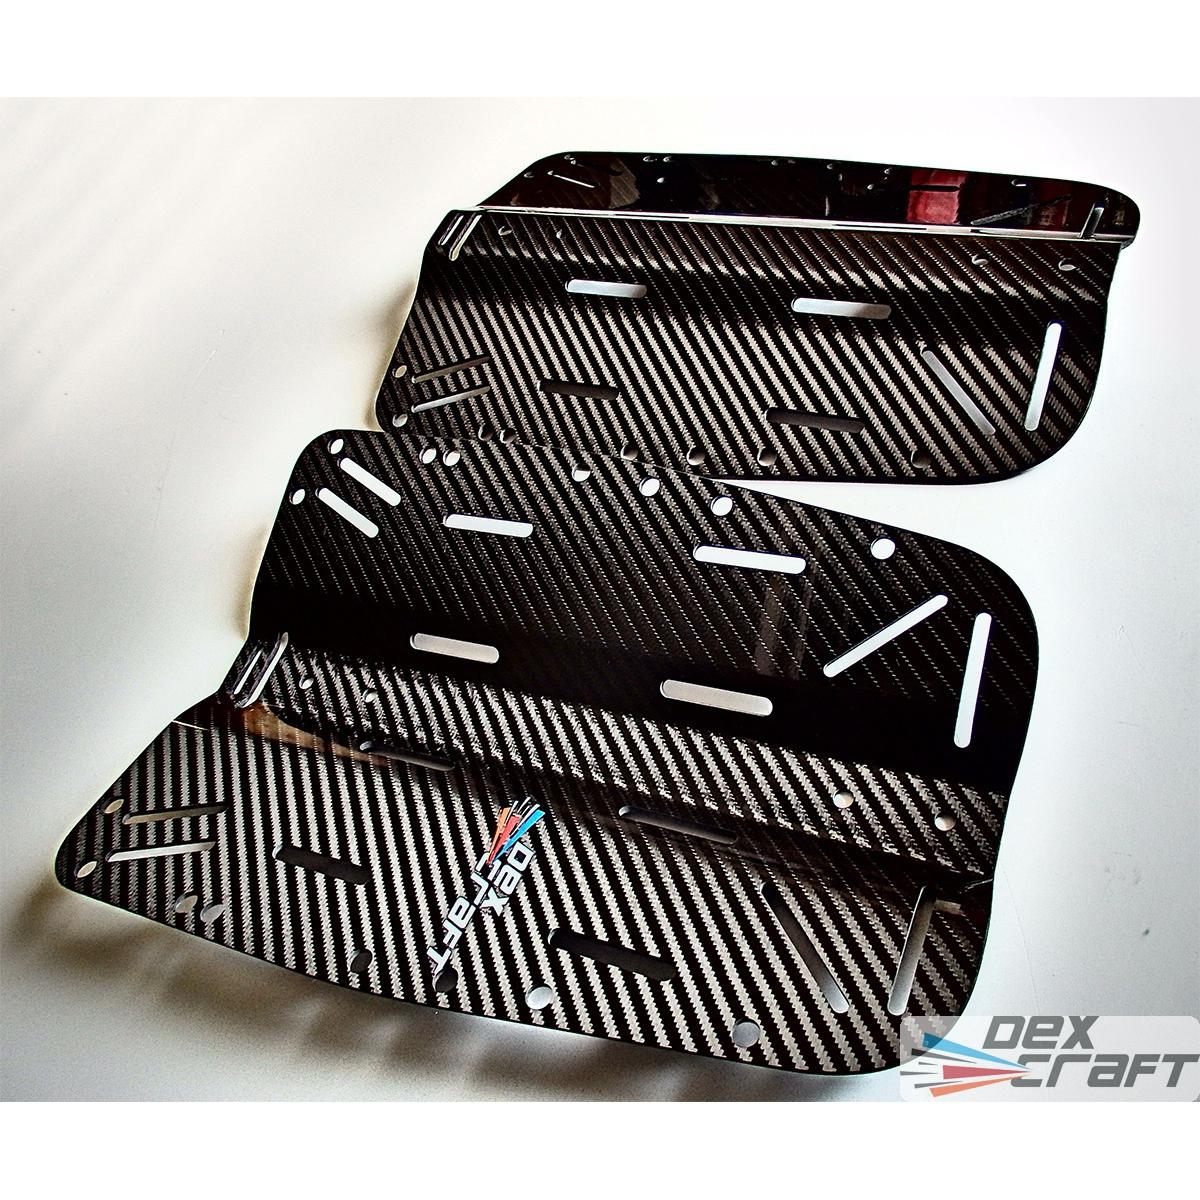 cutting carbon fiber parts, cutting carbon fiber sheets